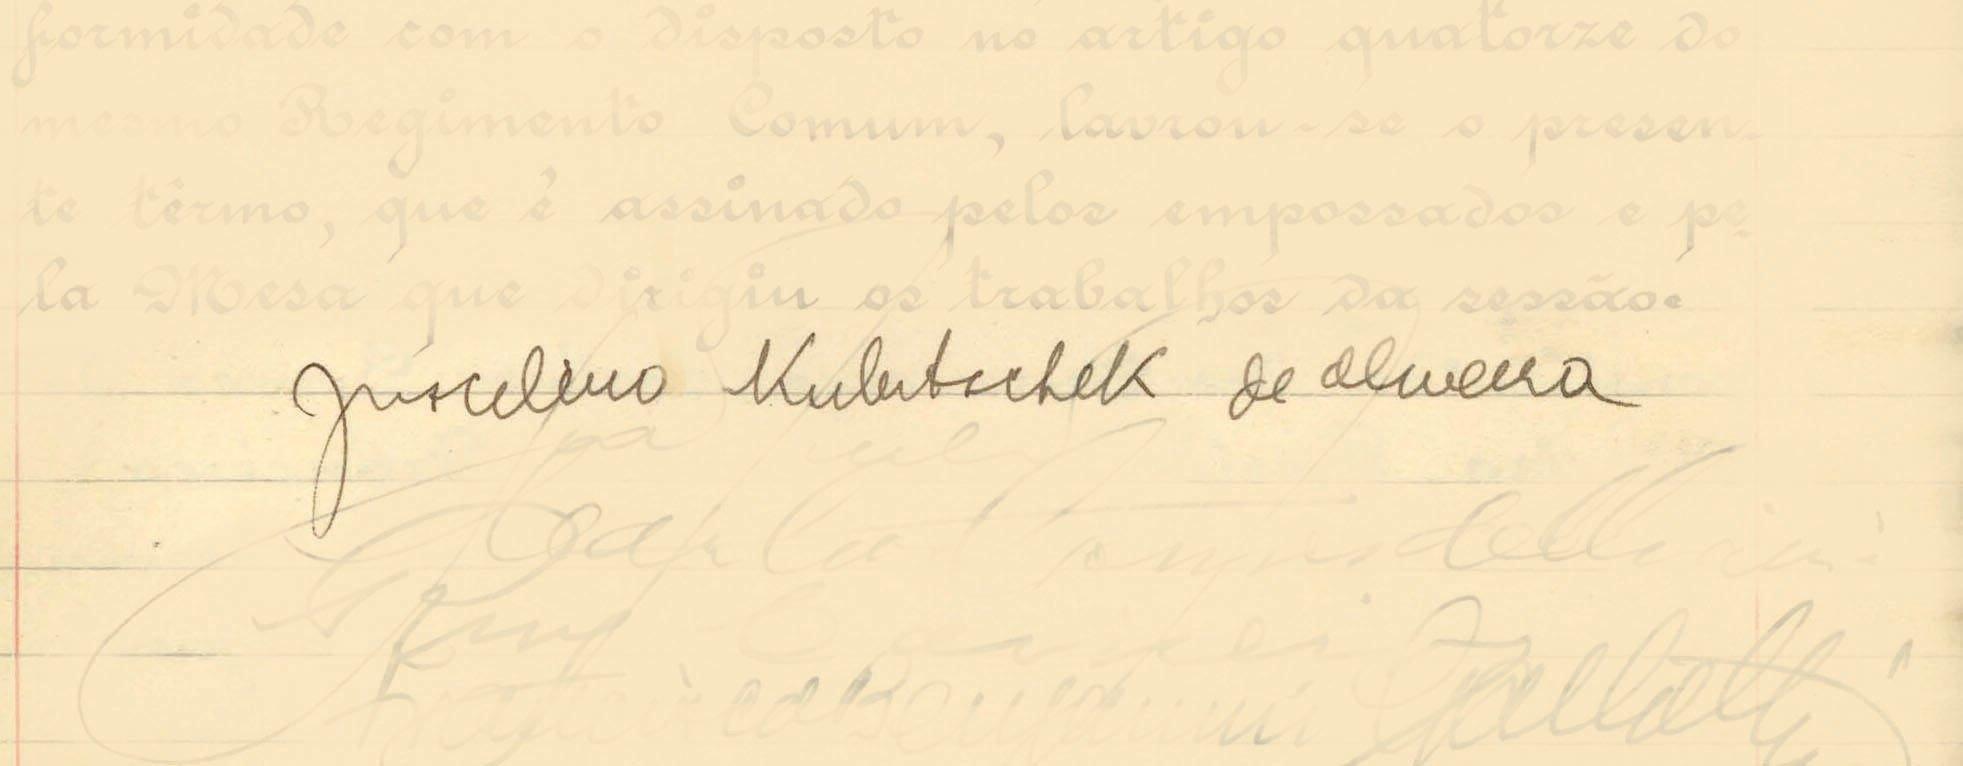 Juscelino Kubitschek tomou posse em 31 de janeiro de 1956, já com um novo livro de posse. Foto: Reprodução / Senado Federal